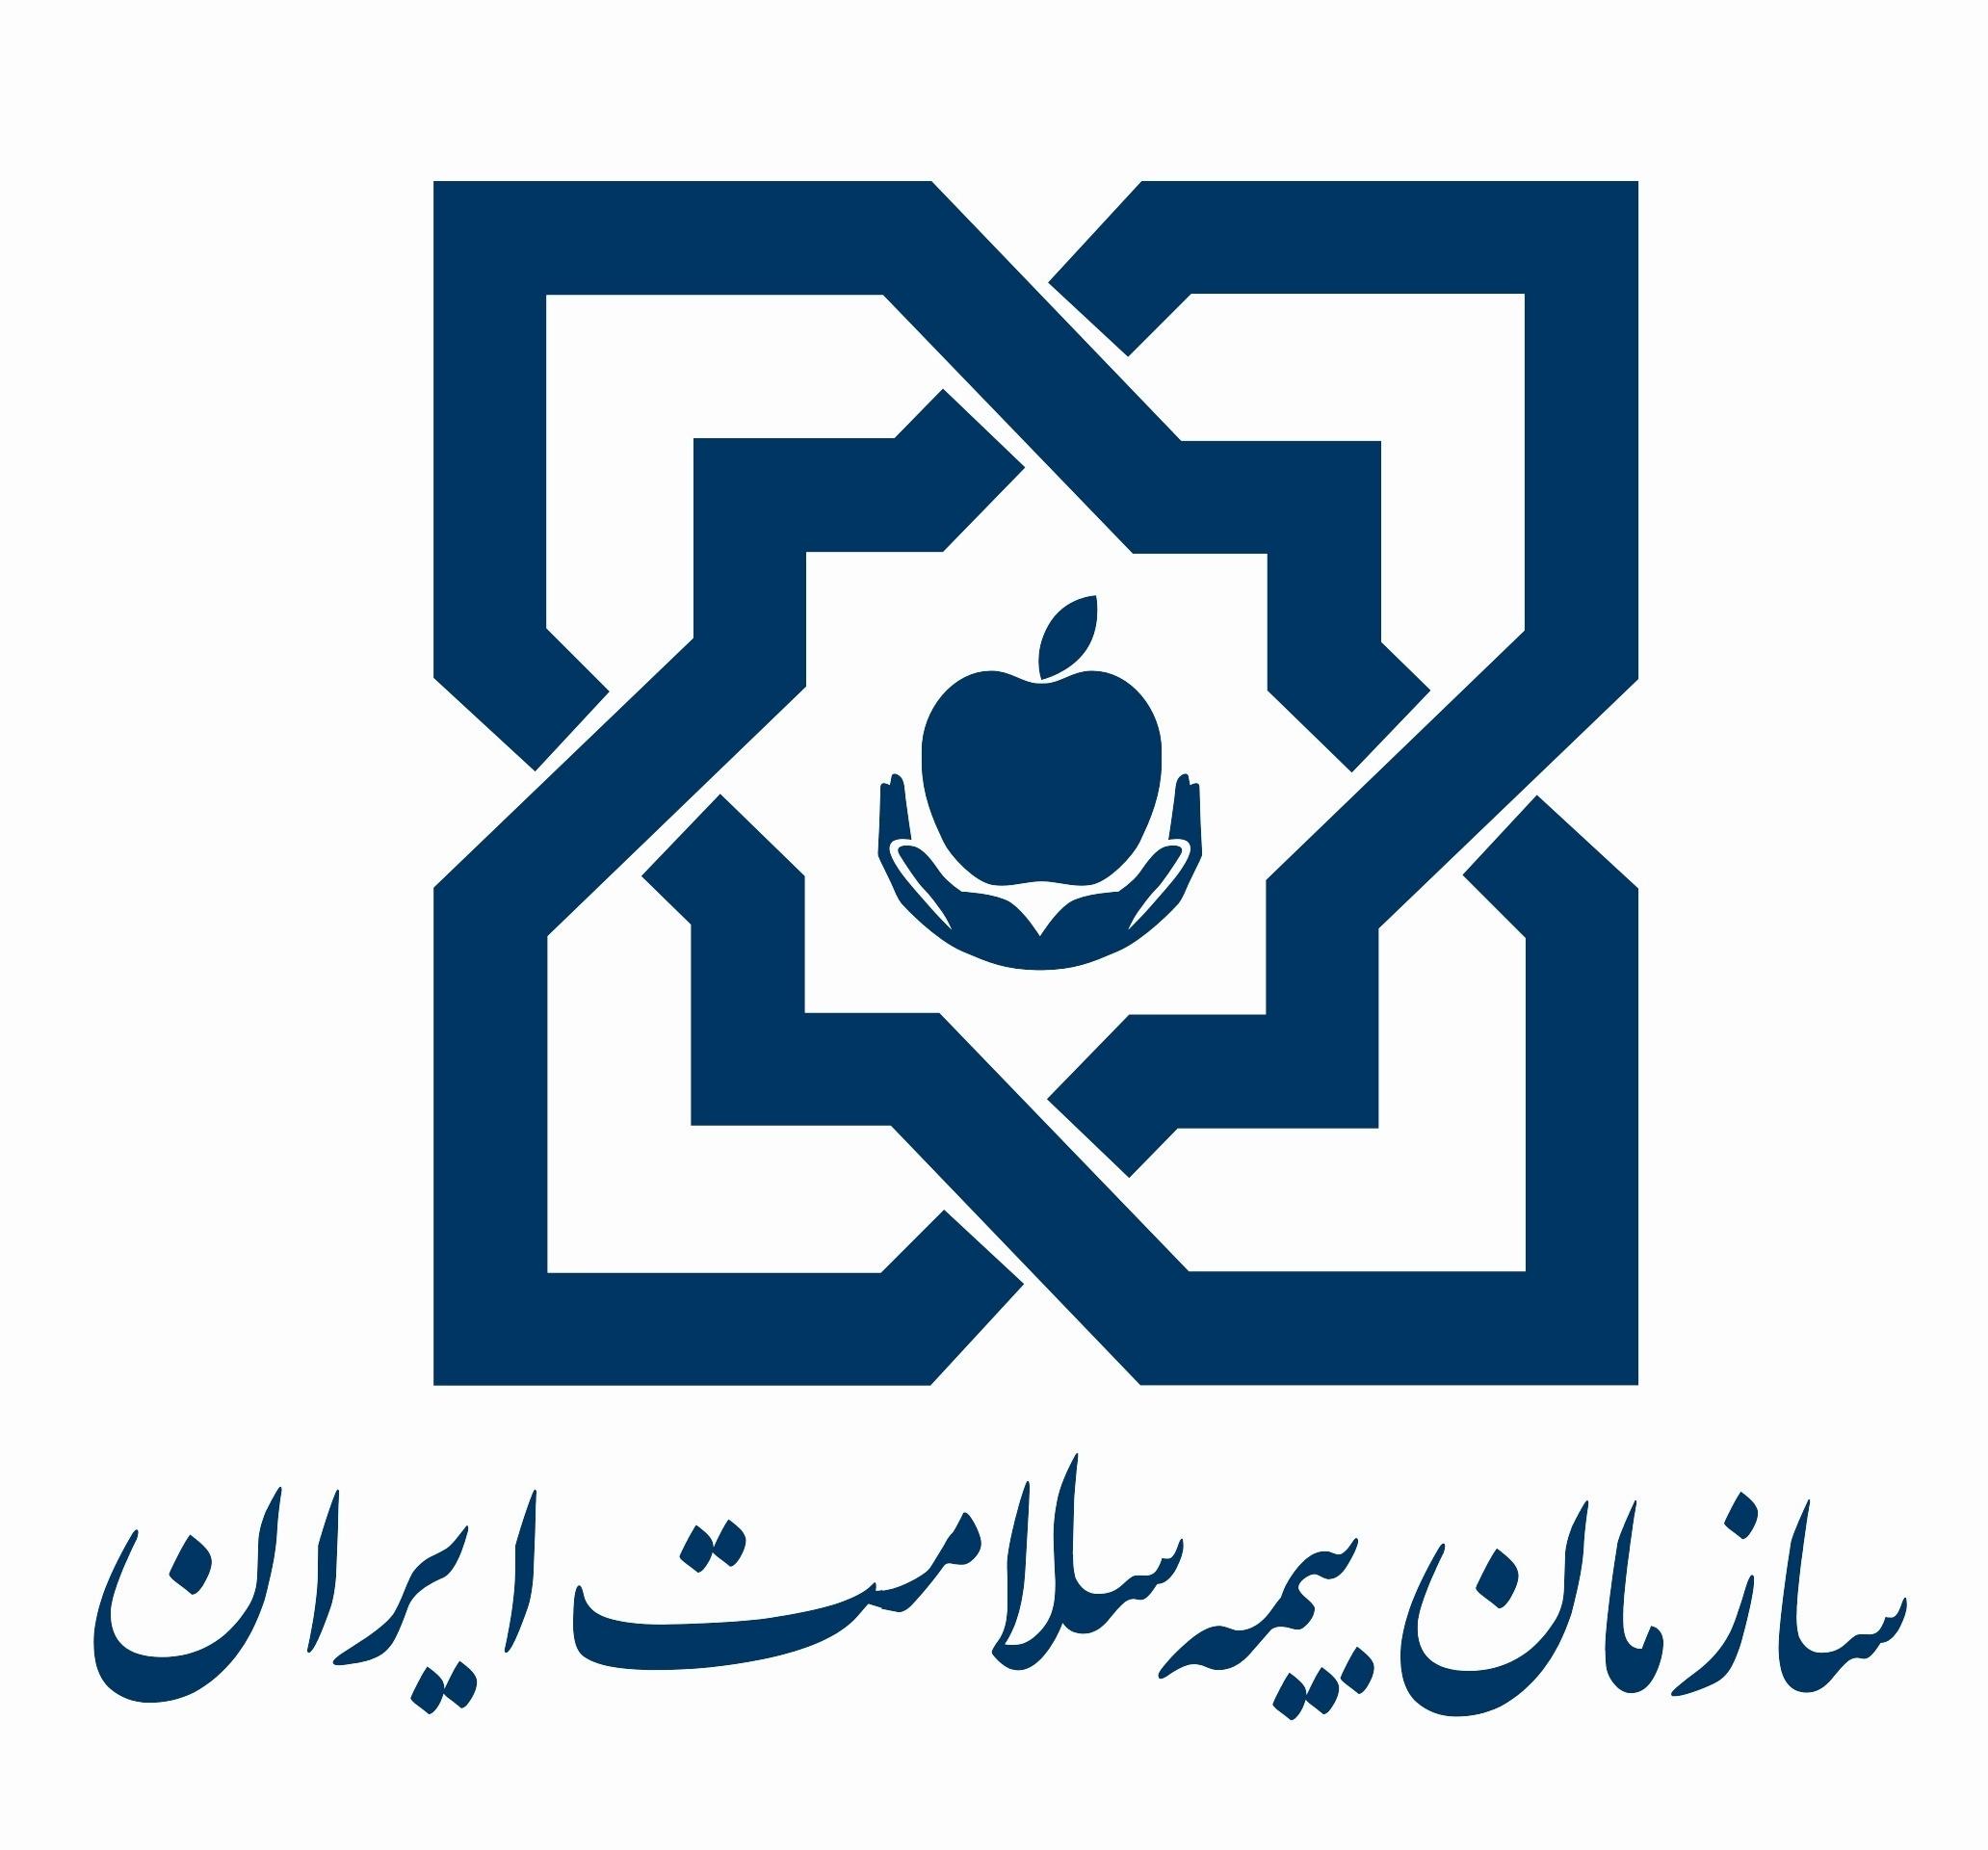 بیمه سلامت پیشرو در رفع محرومیت ها/ تحت پوشش قرار گرفتن زنان باردار و فرزندان خردسال در سیستان و بلوچستان